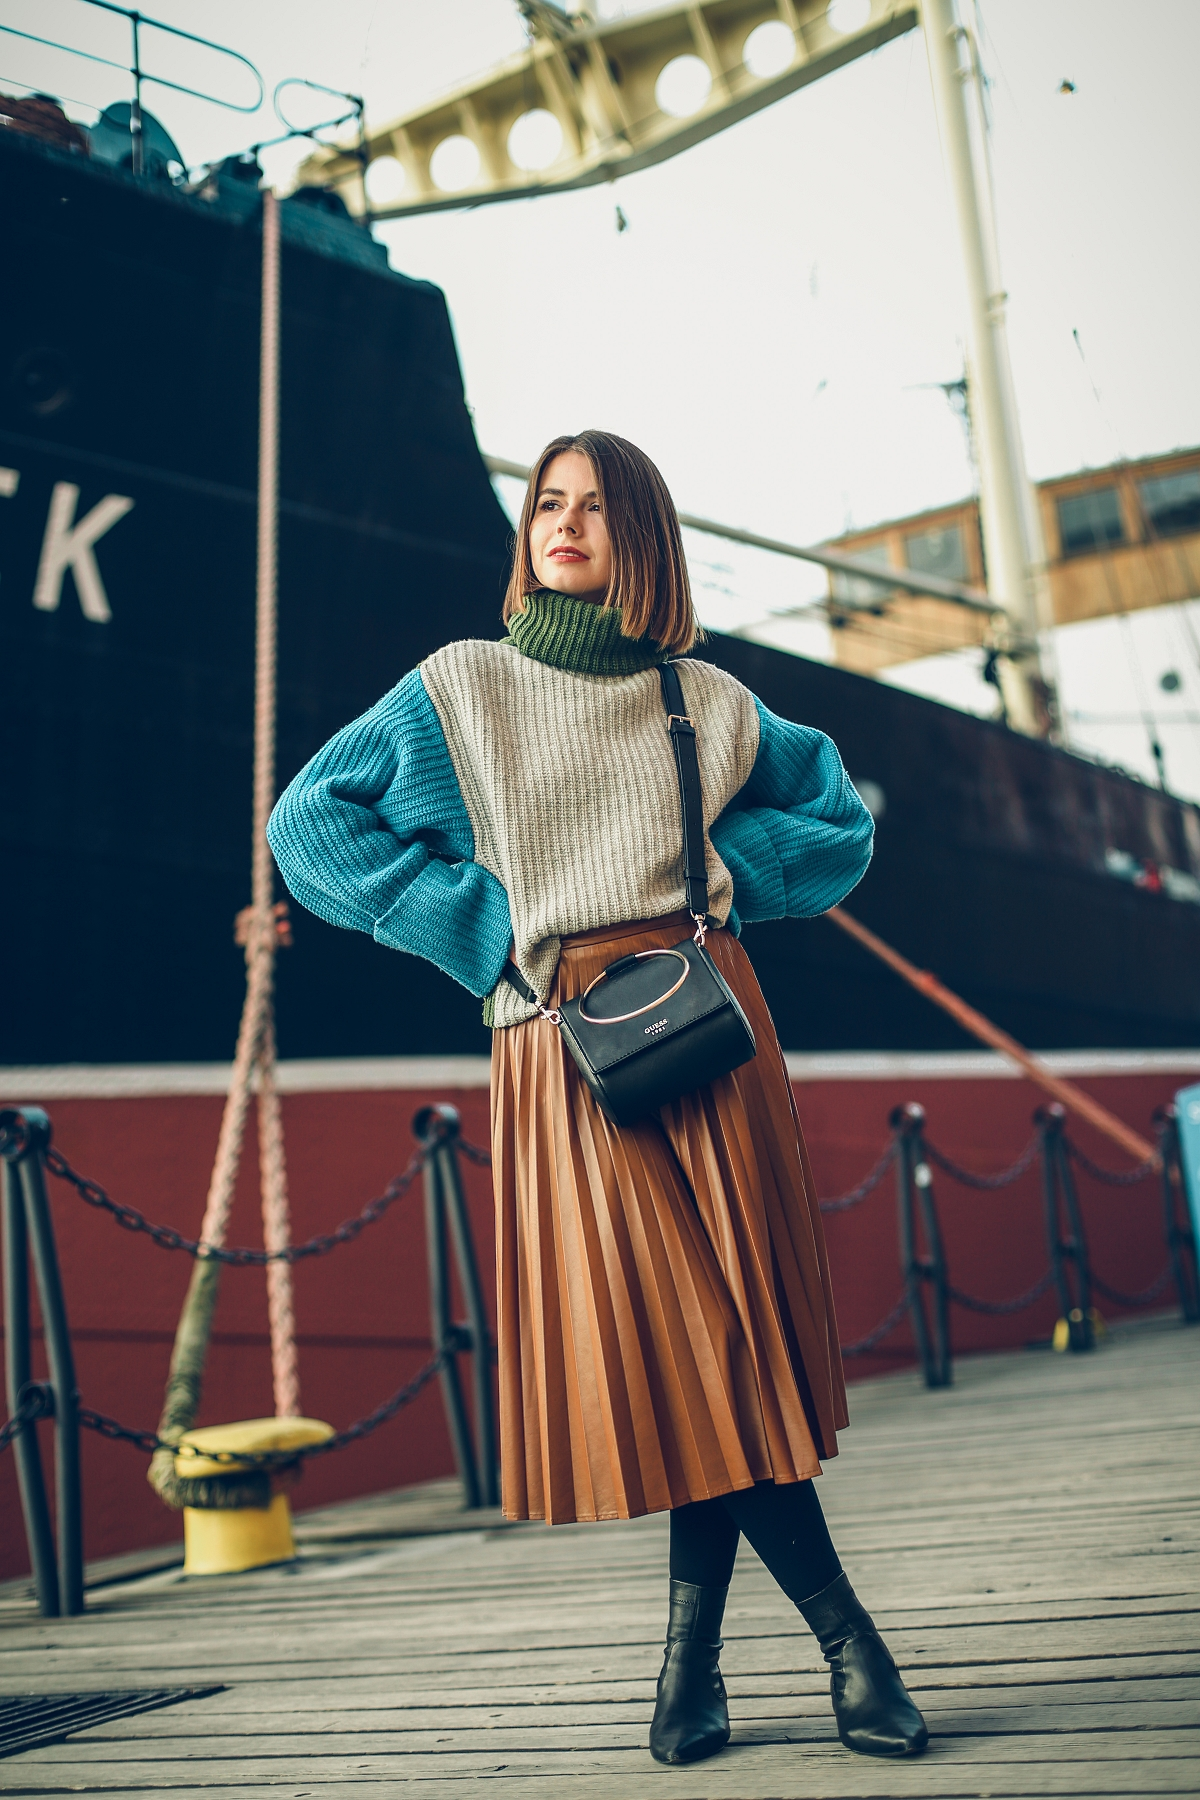 golf plisowana spodnica blog modowy stylizacja  gdansk